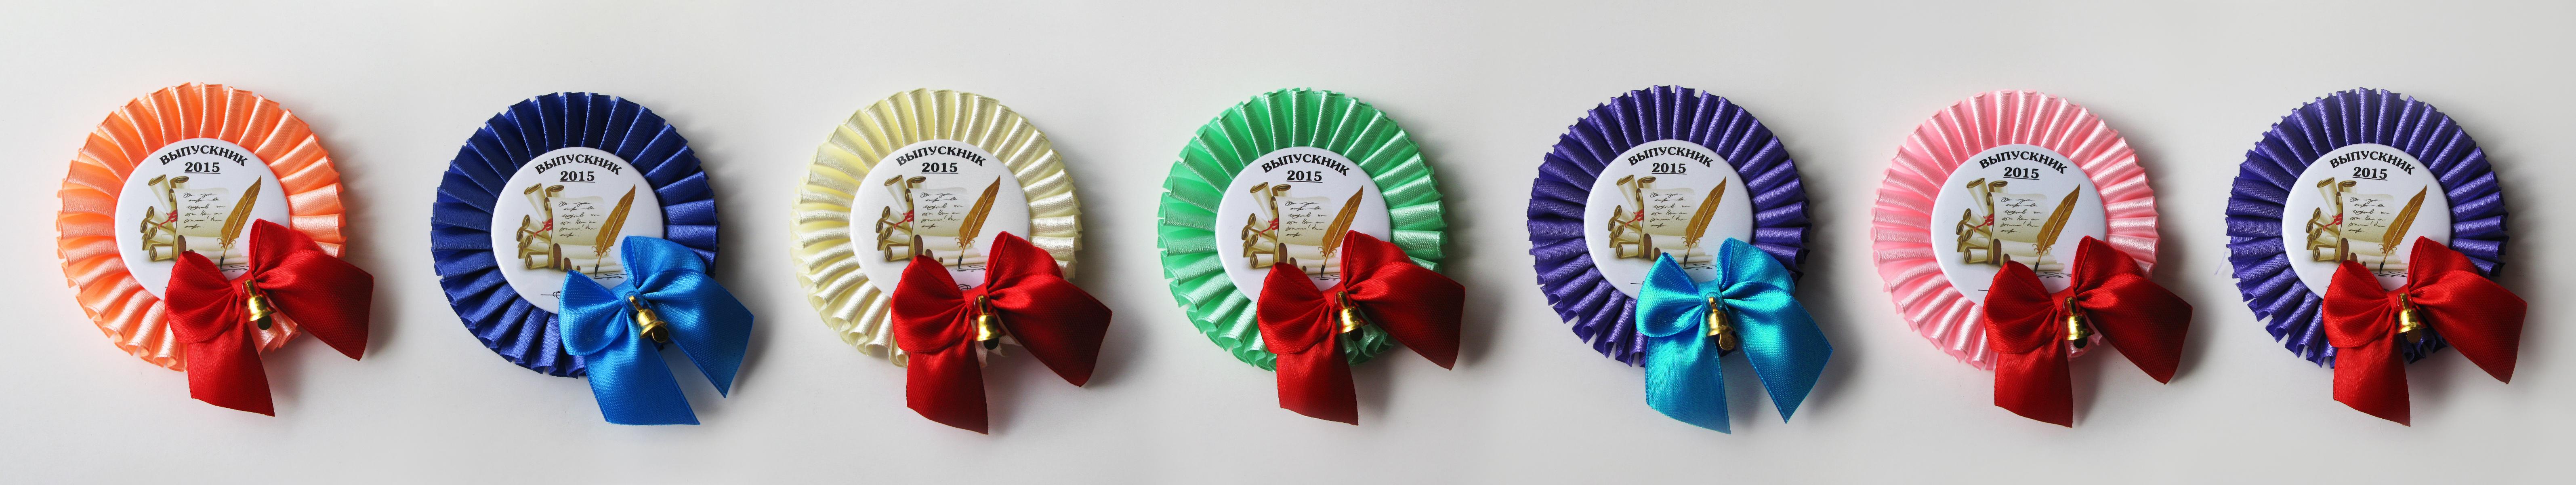 Наградные розетки для выпускников